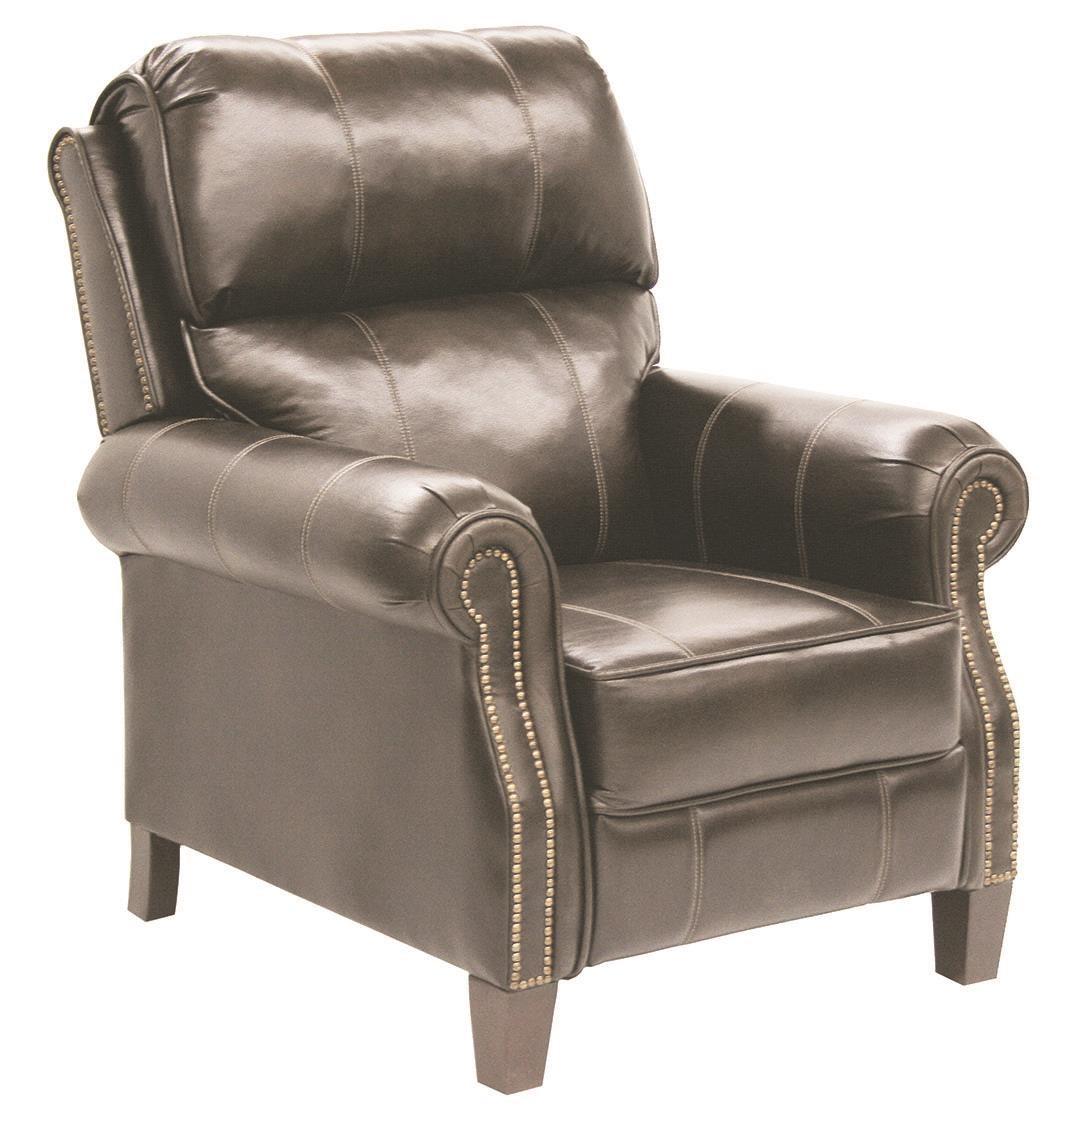 Catnapper Motion Chairs And ReclinersFrazier High Leg Recliner ...